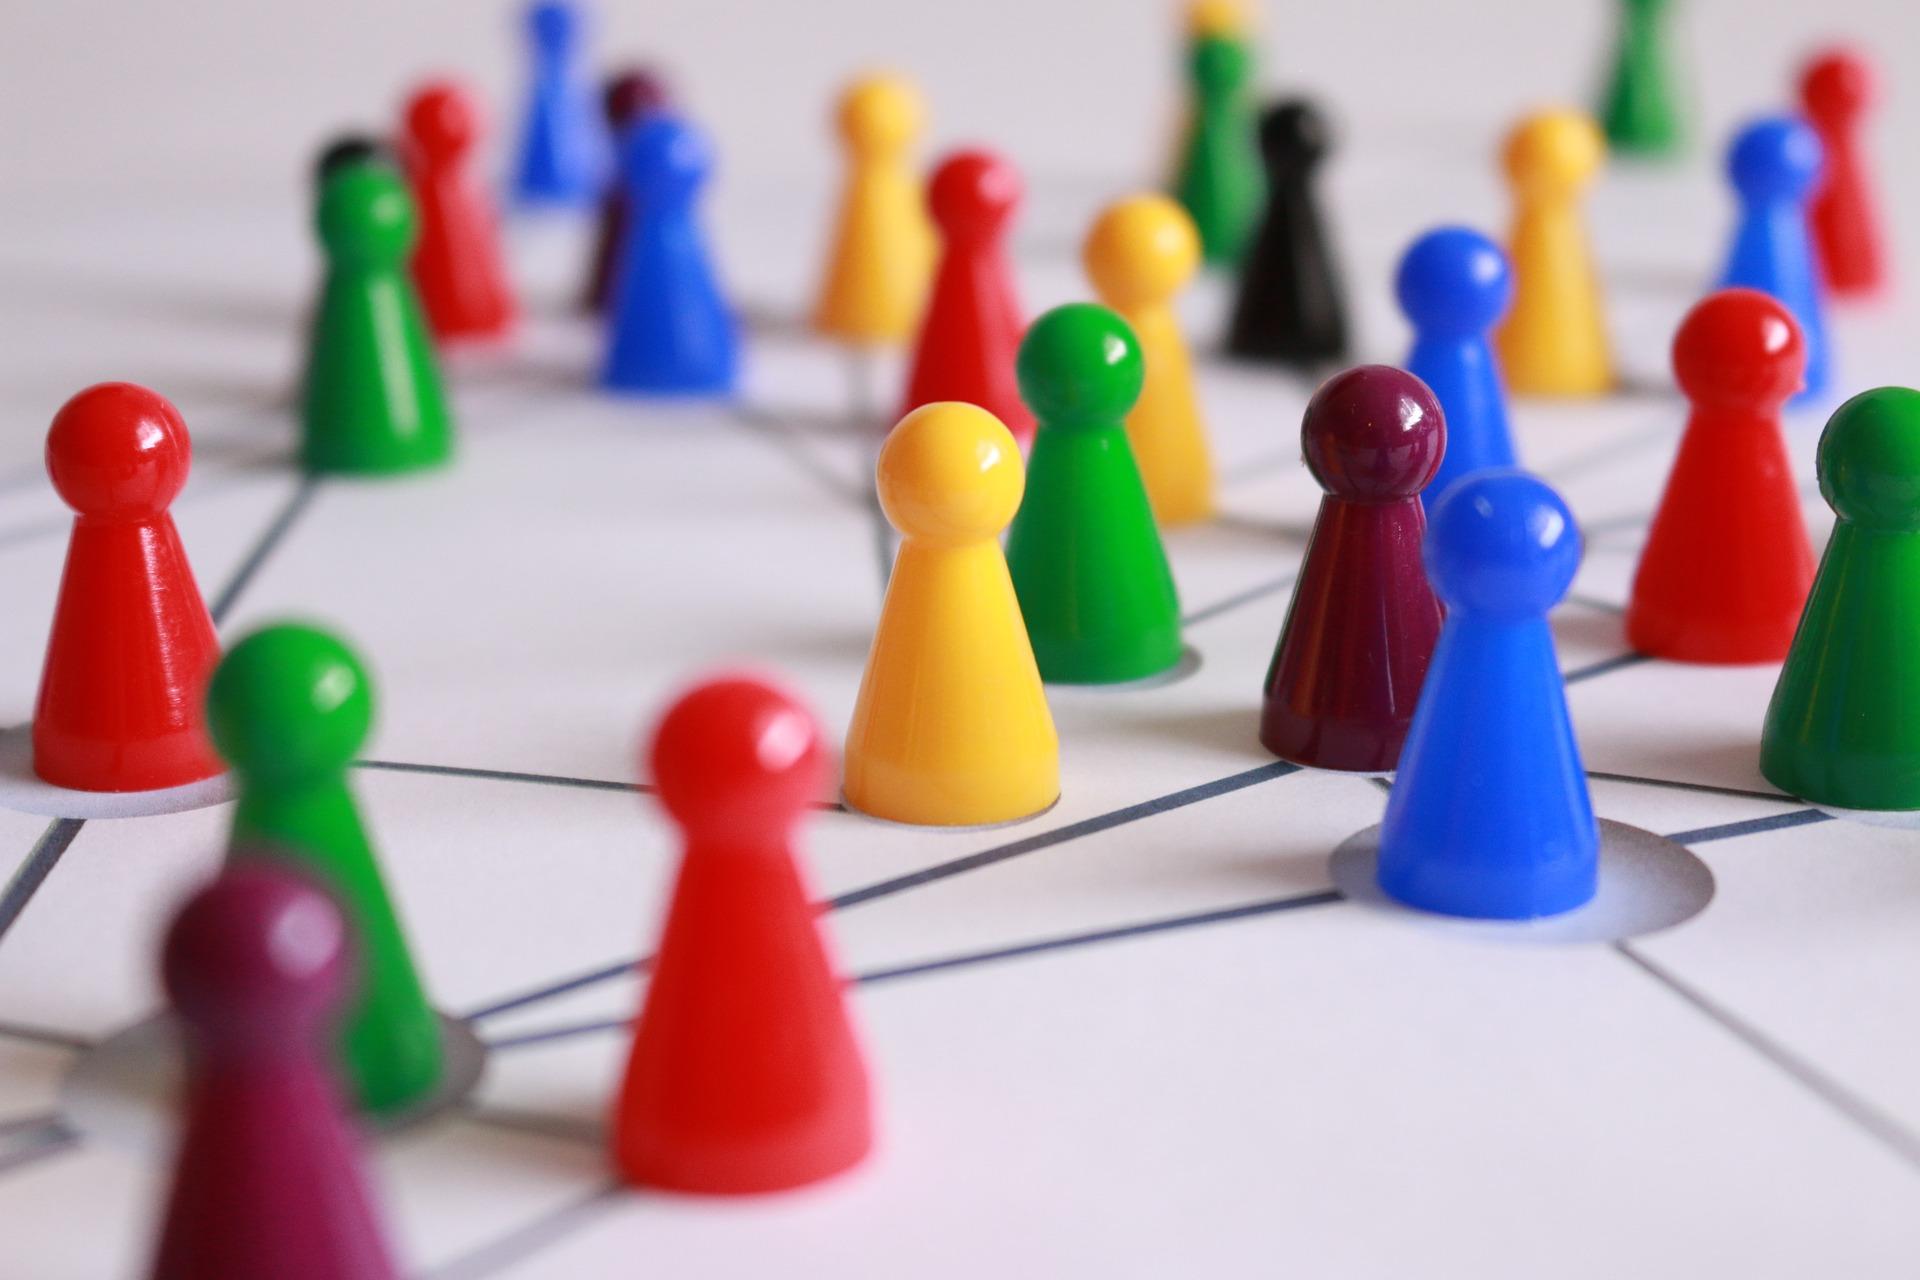 Reclutar en internet y en redes sociales